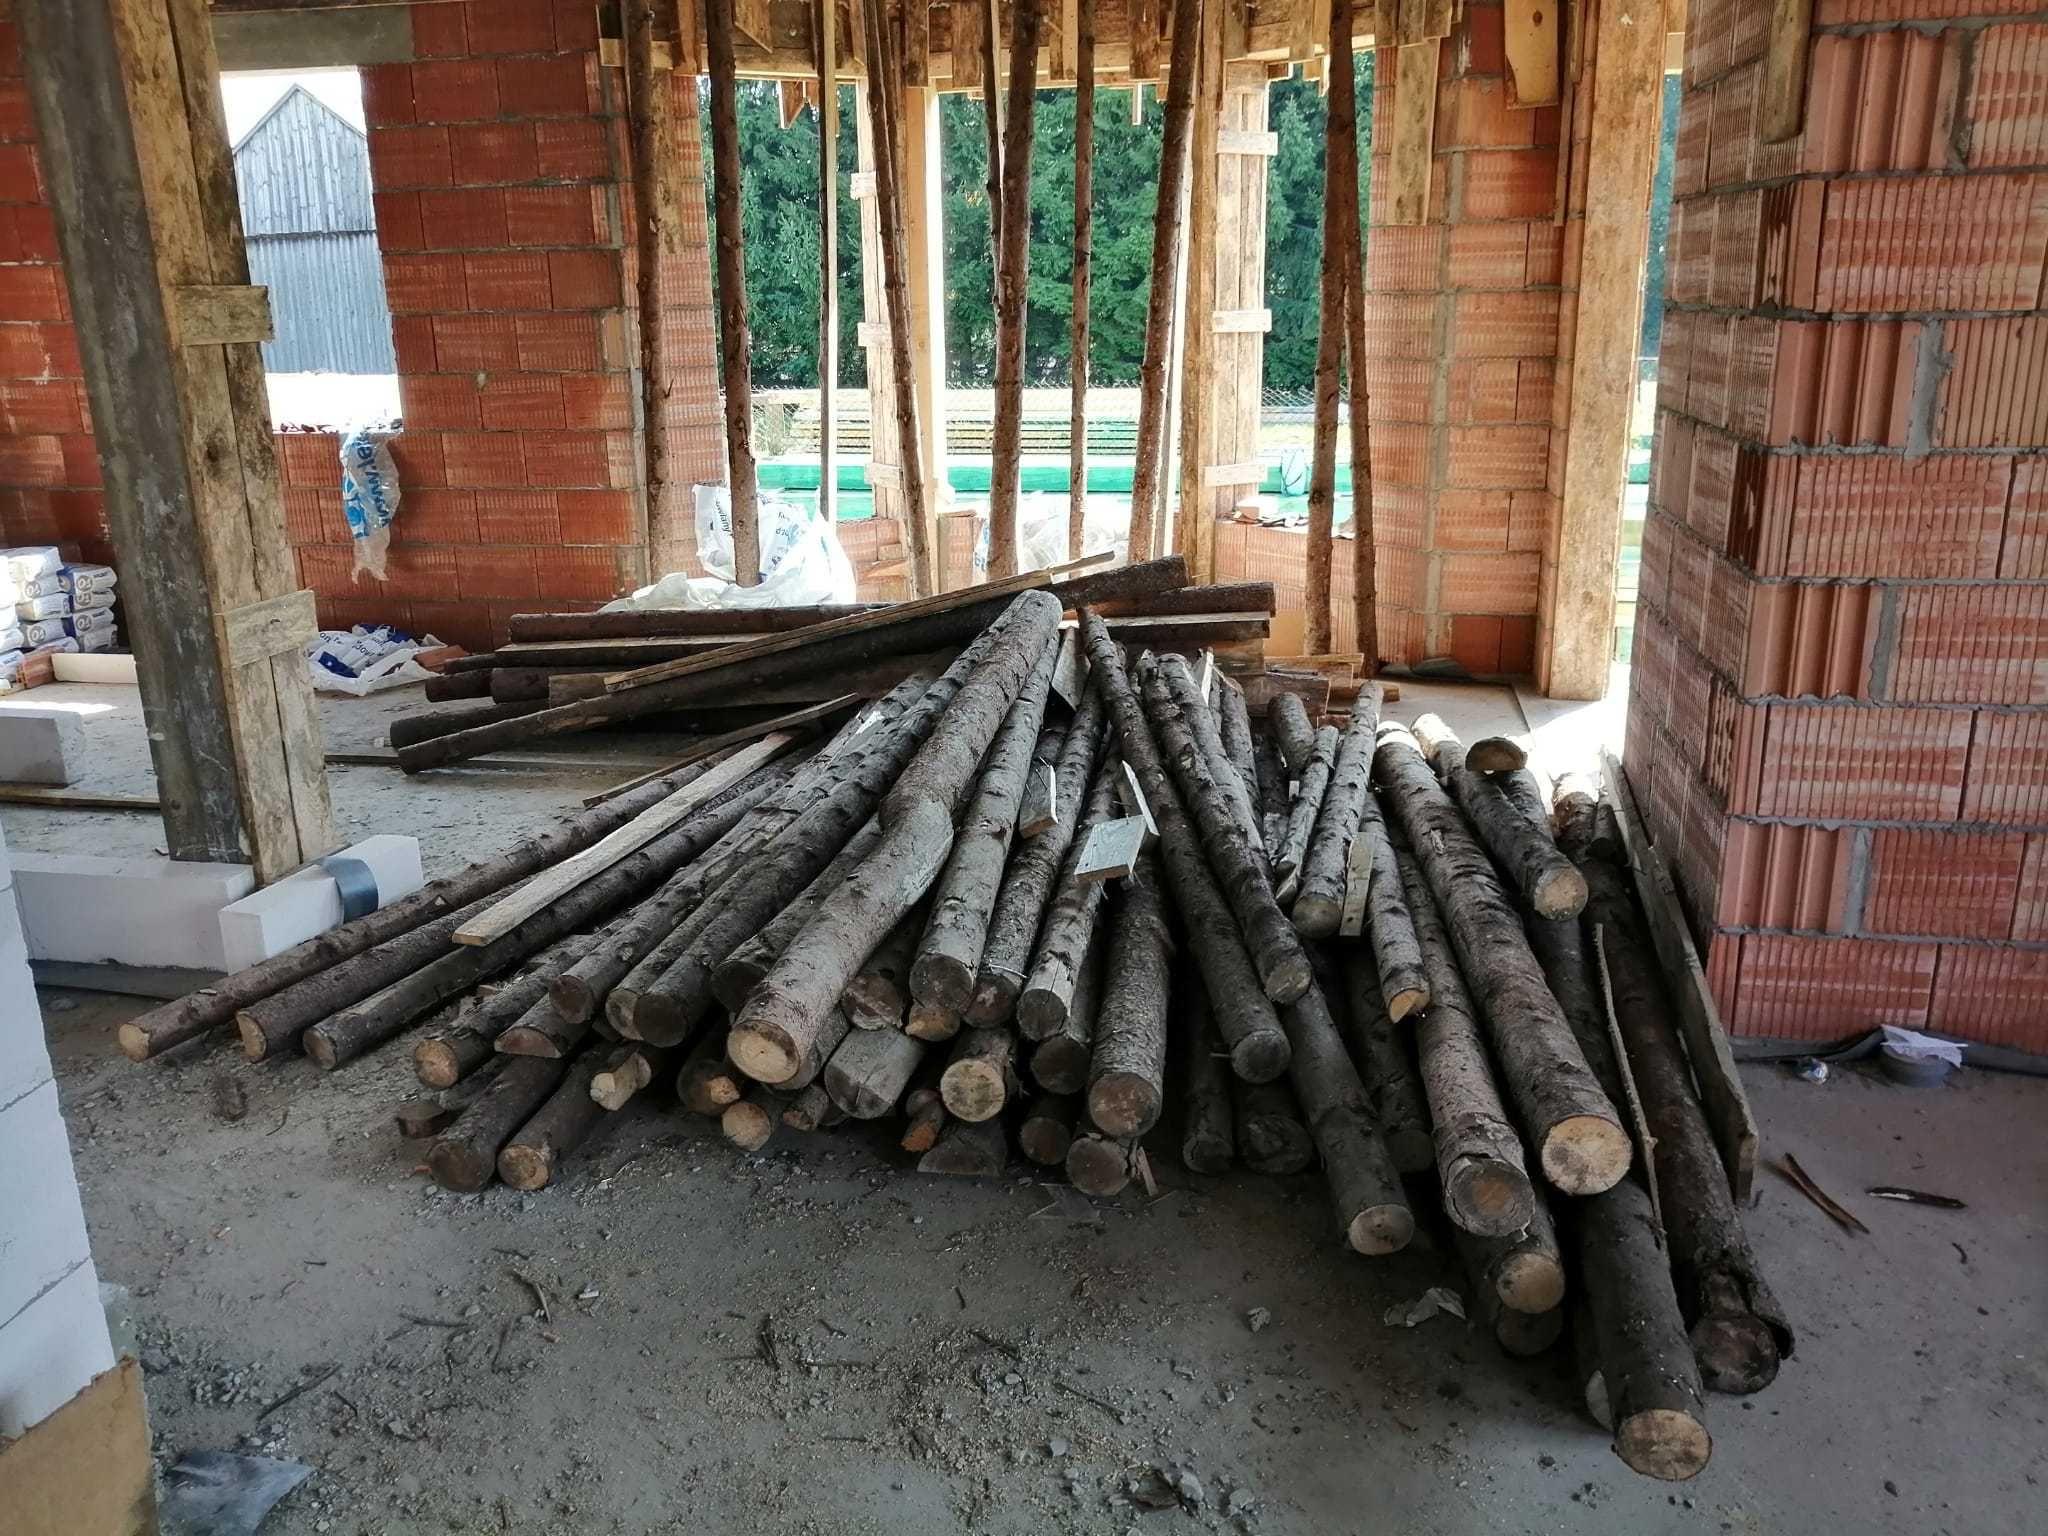 Stemple budowlane drewniane stropowe żerdzie słupki 2,75-3 m 120 szt